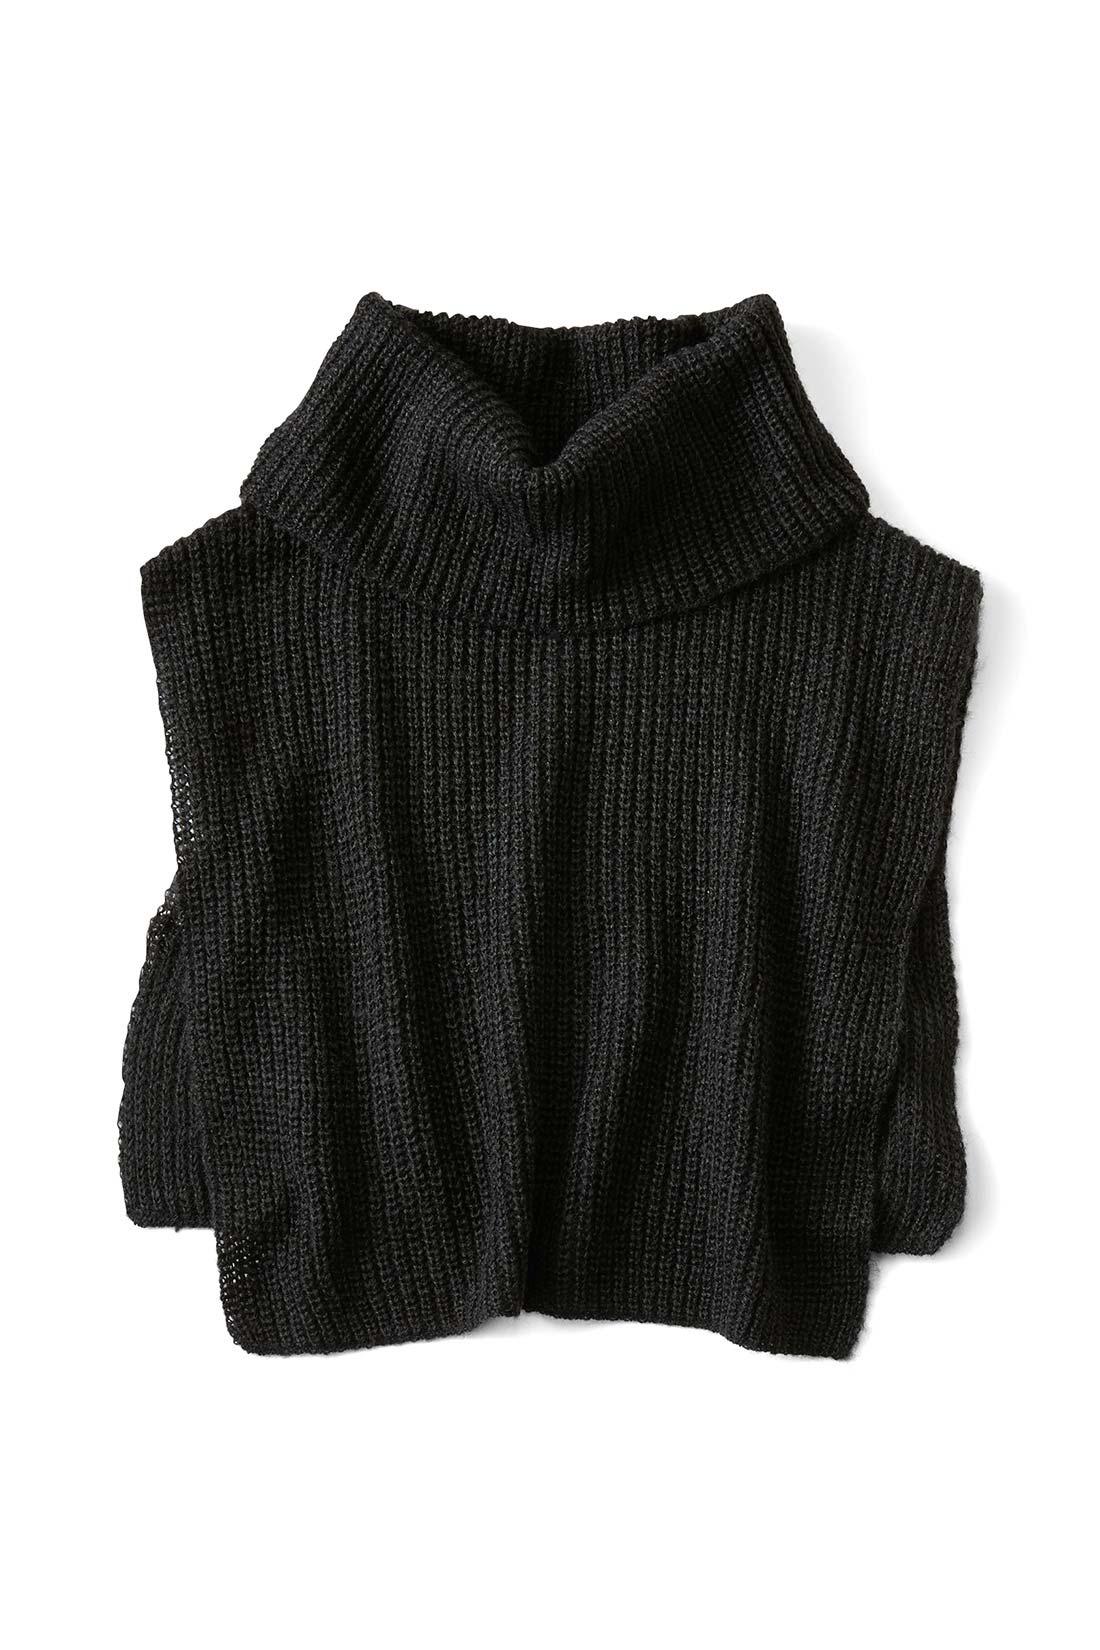 どんなコーデにも好相性〈ブラック〉 袖を通さずかぶるだけでOK サイドがつながっていないので、トップスを着てから付けられて、暑くなったらスルッと脱げます。